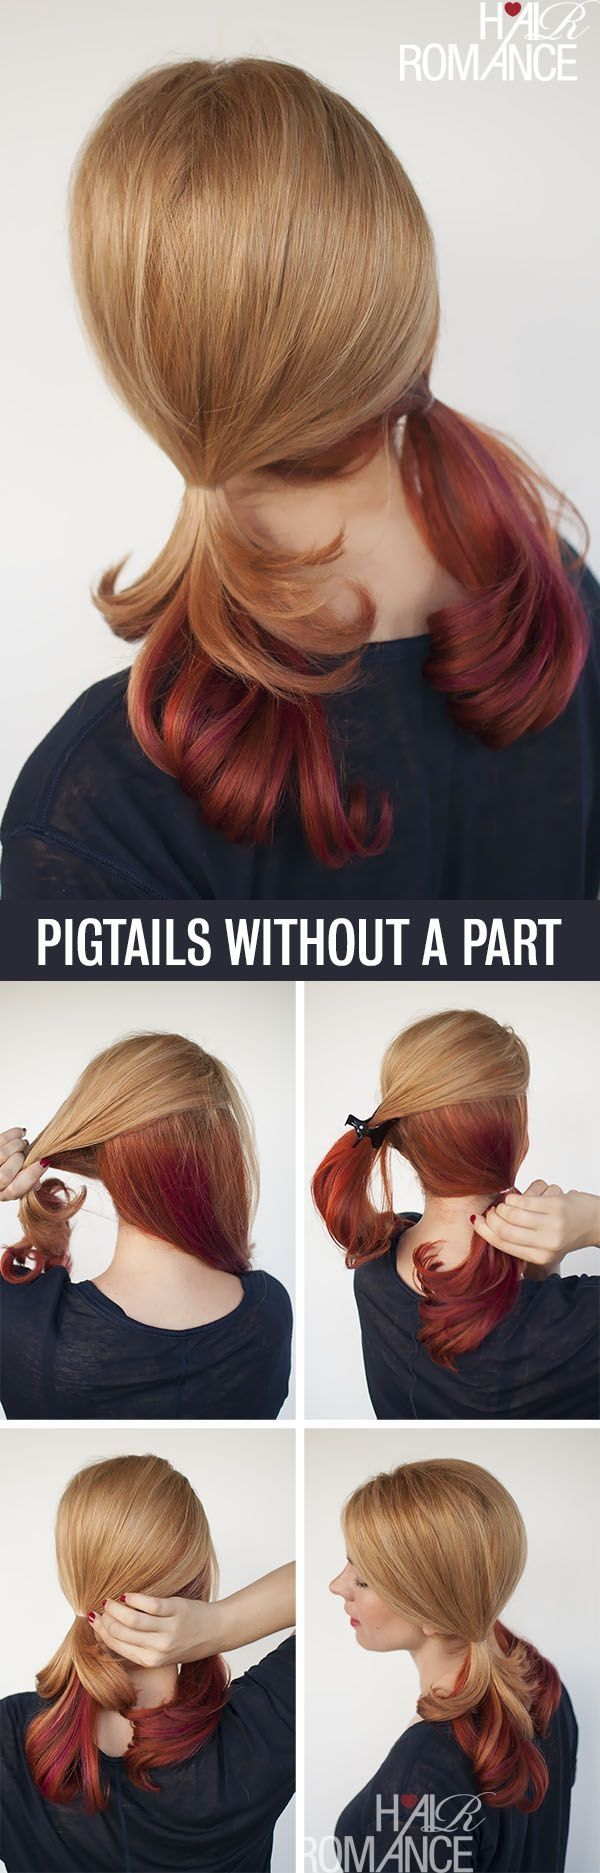 No-Part Pigtails